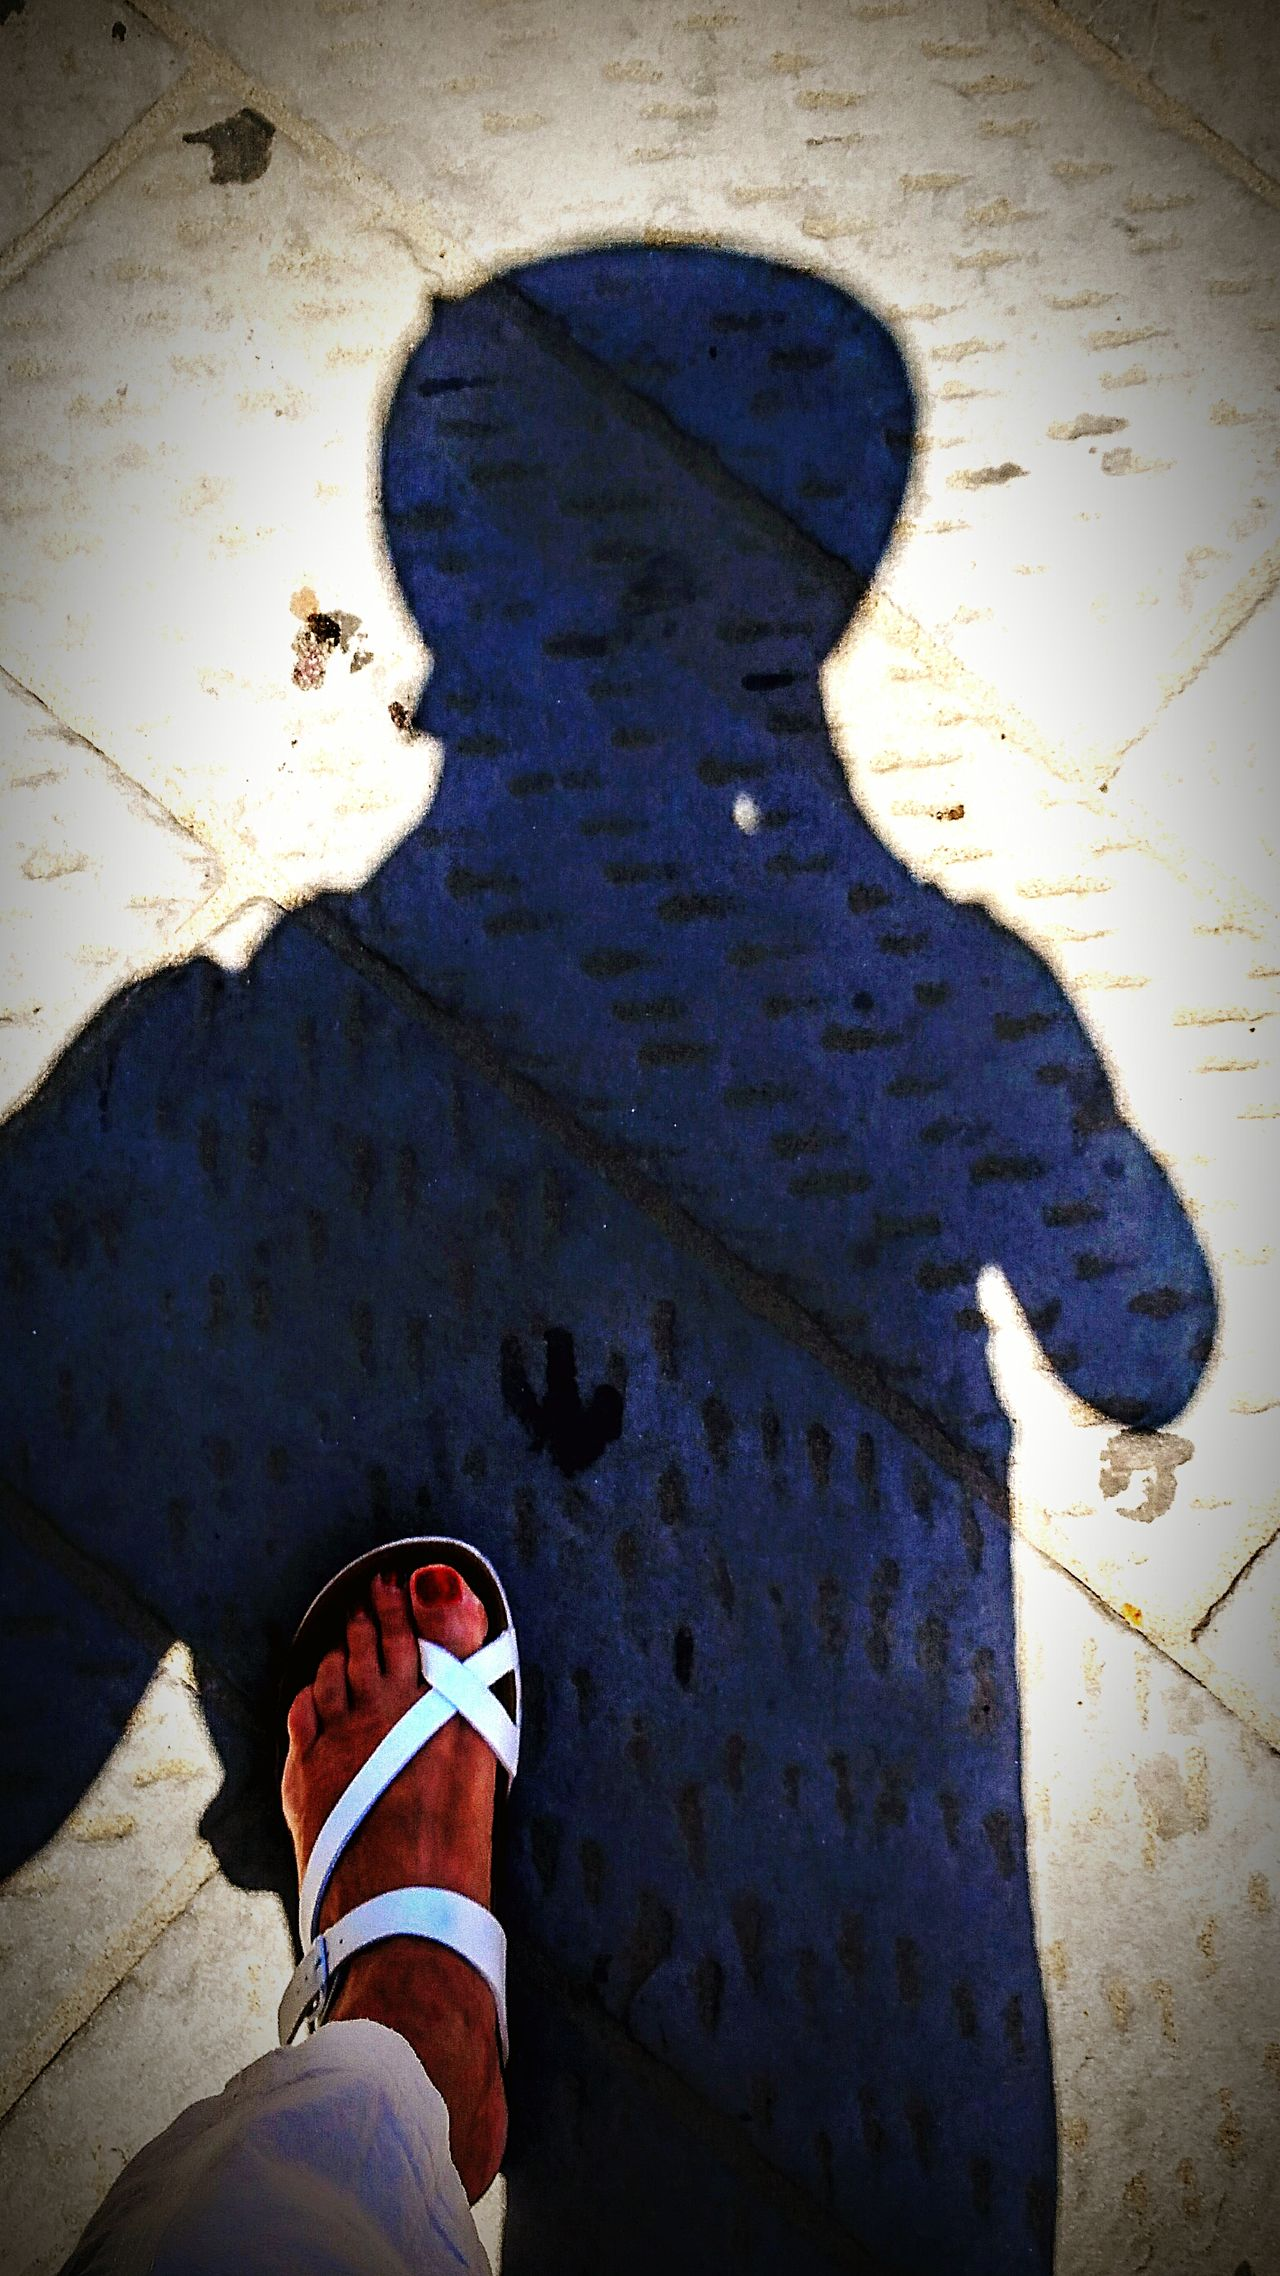 Premiers Pas. Foot Shoeselfie Silouhette Shadow Selfiesunday That's Me That's My Foot ! That's My Shadow